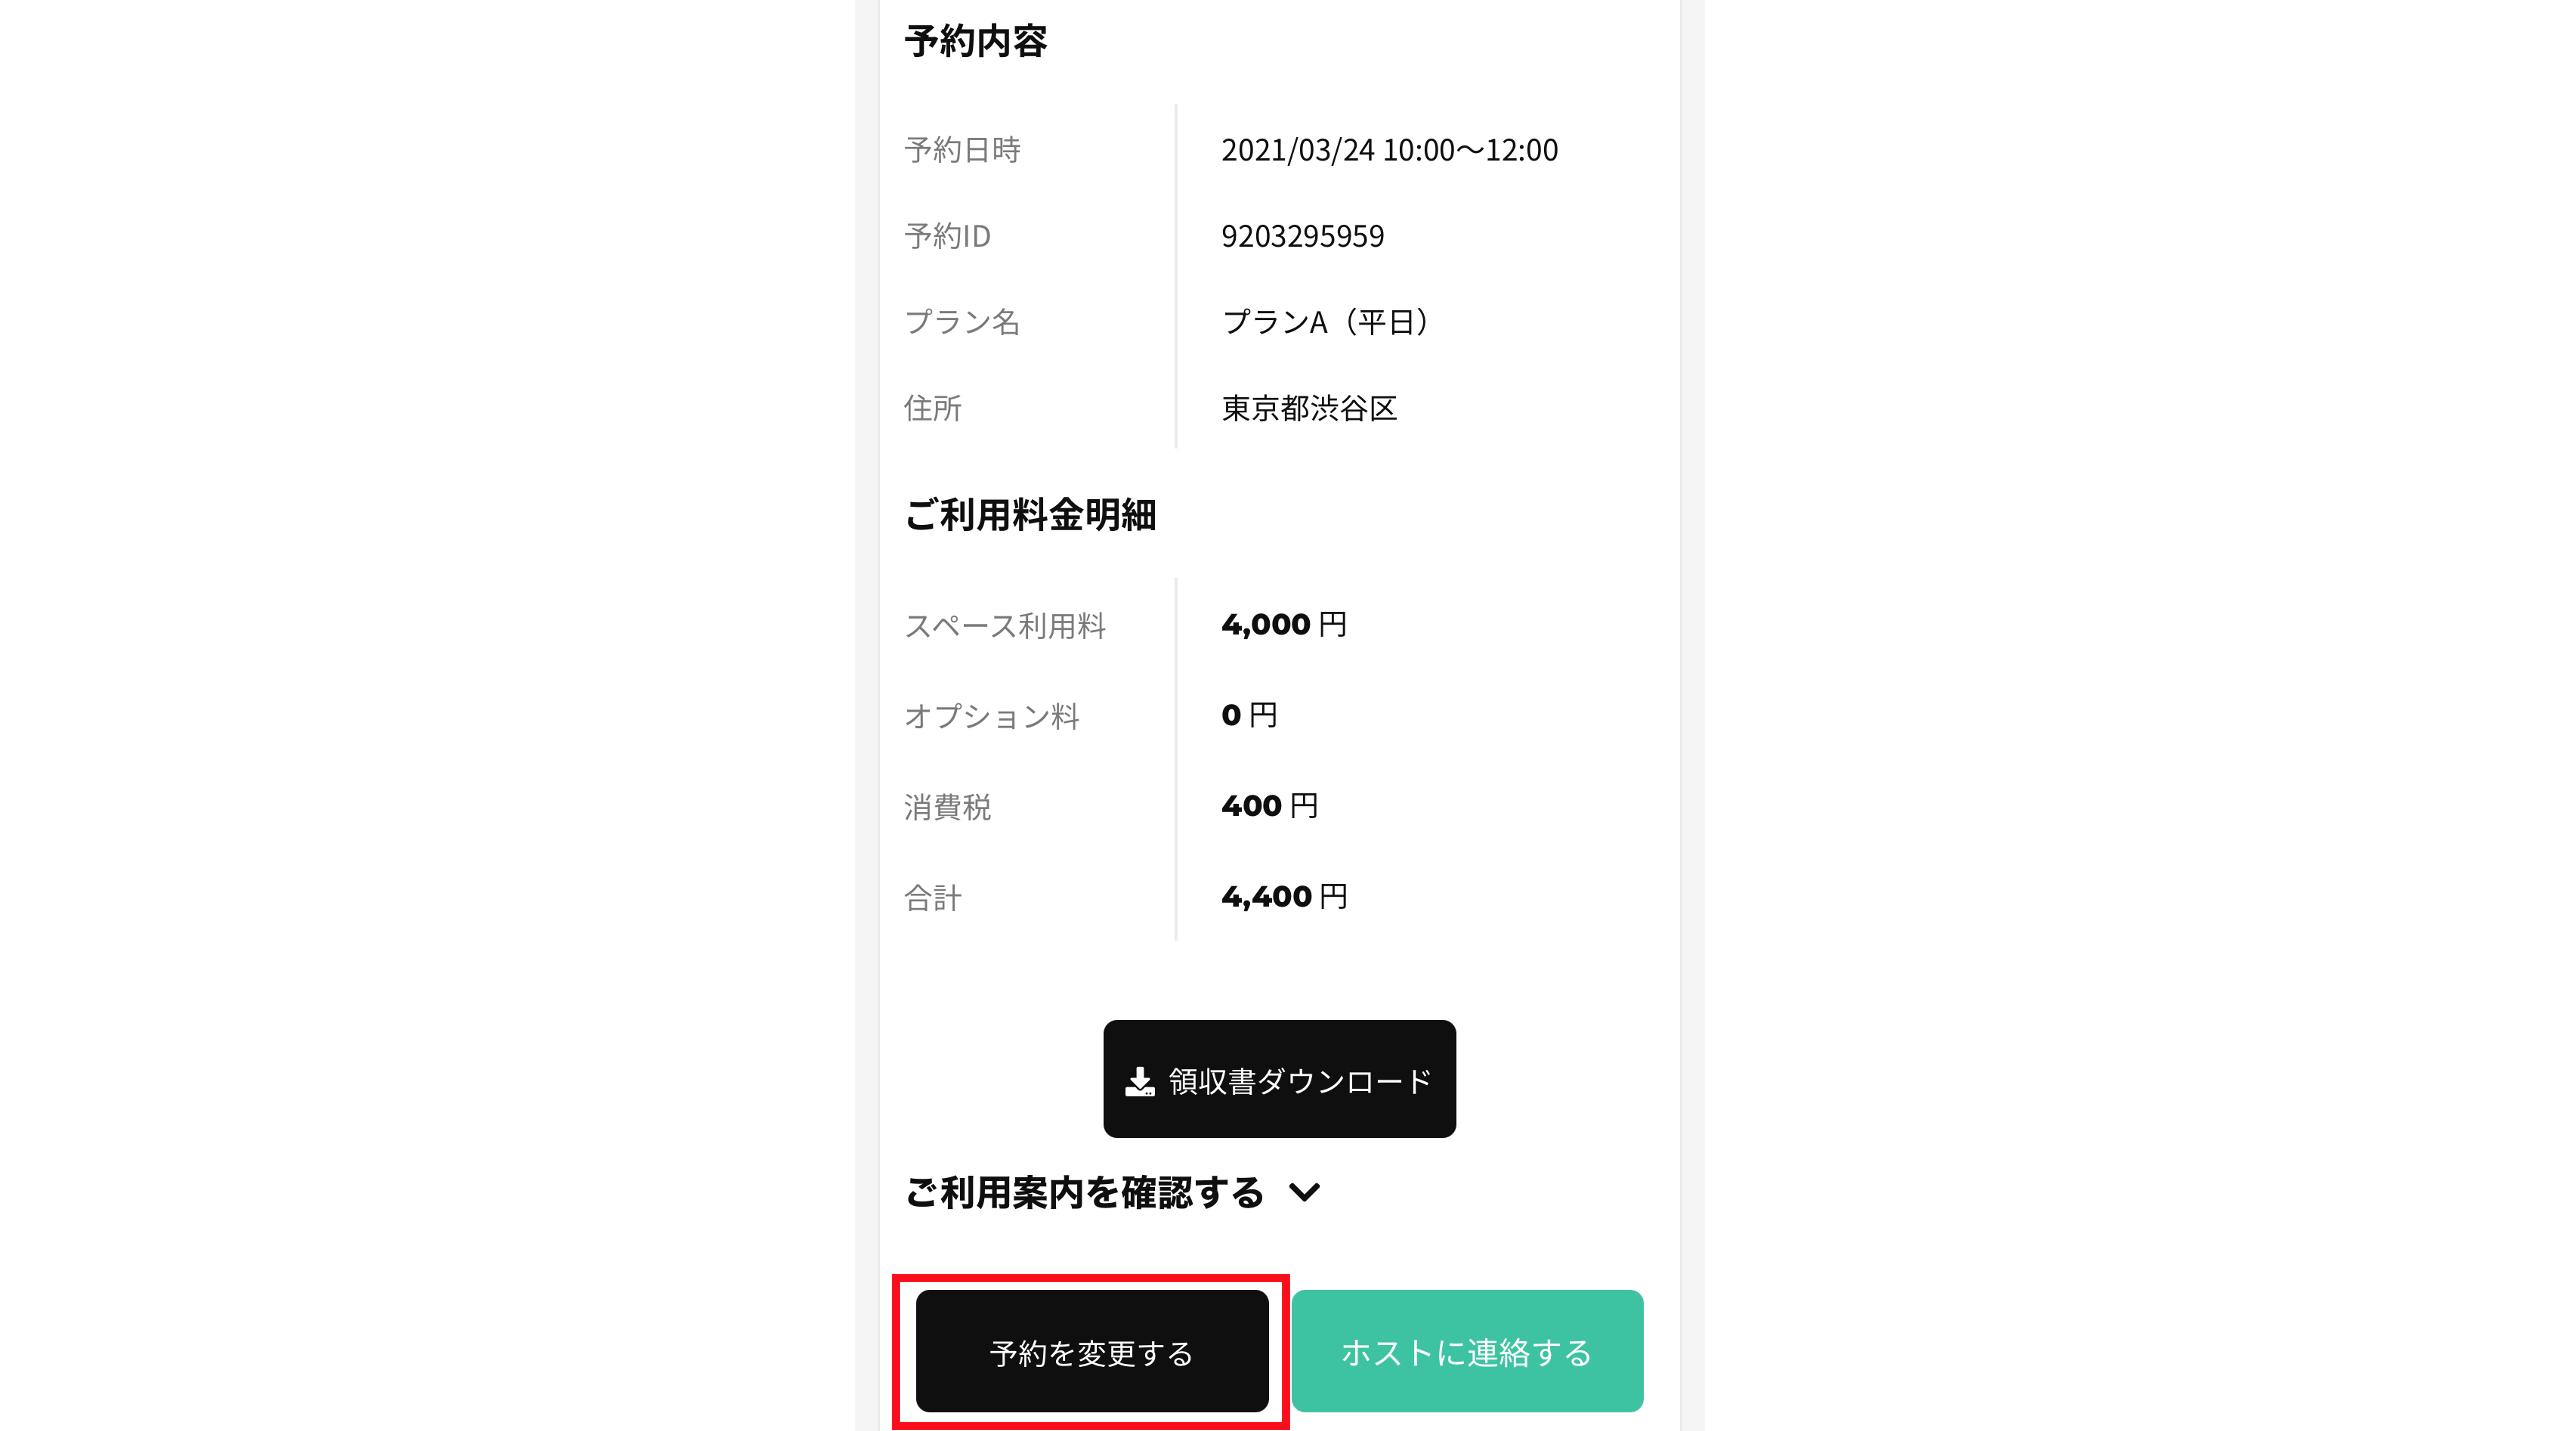 スクリーンショット 2021-03-19 15.52.15.png